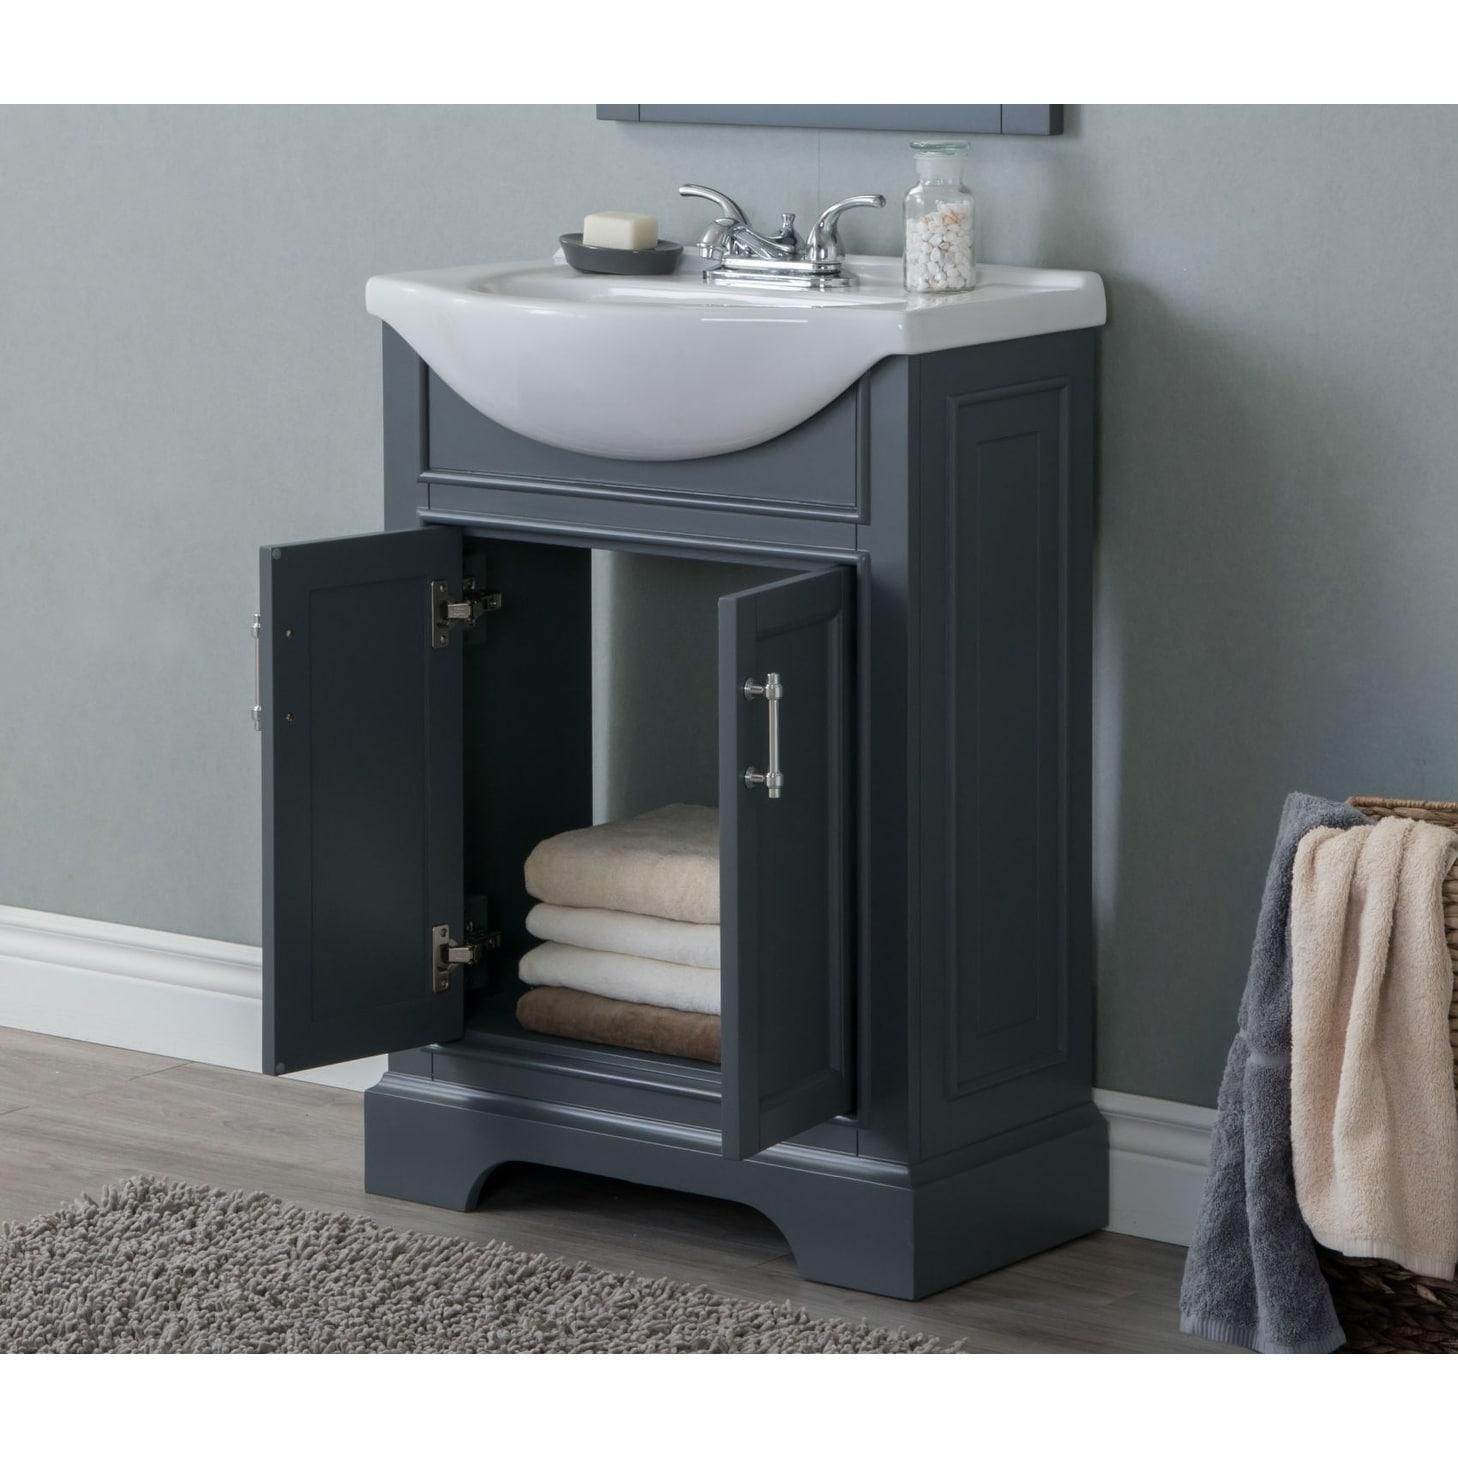 24 In Bathroom Vanity In Dark Gray With Ceramic Top On Sale Overstock 10411161